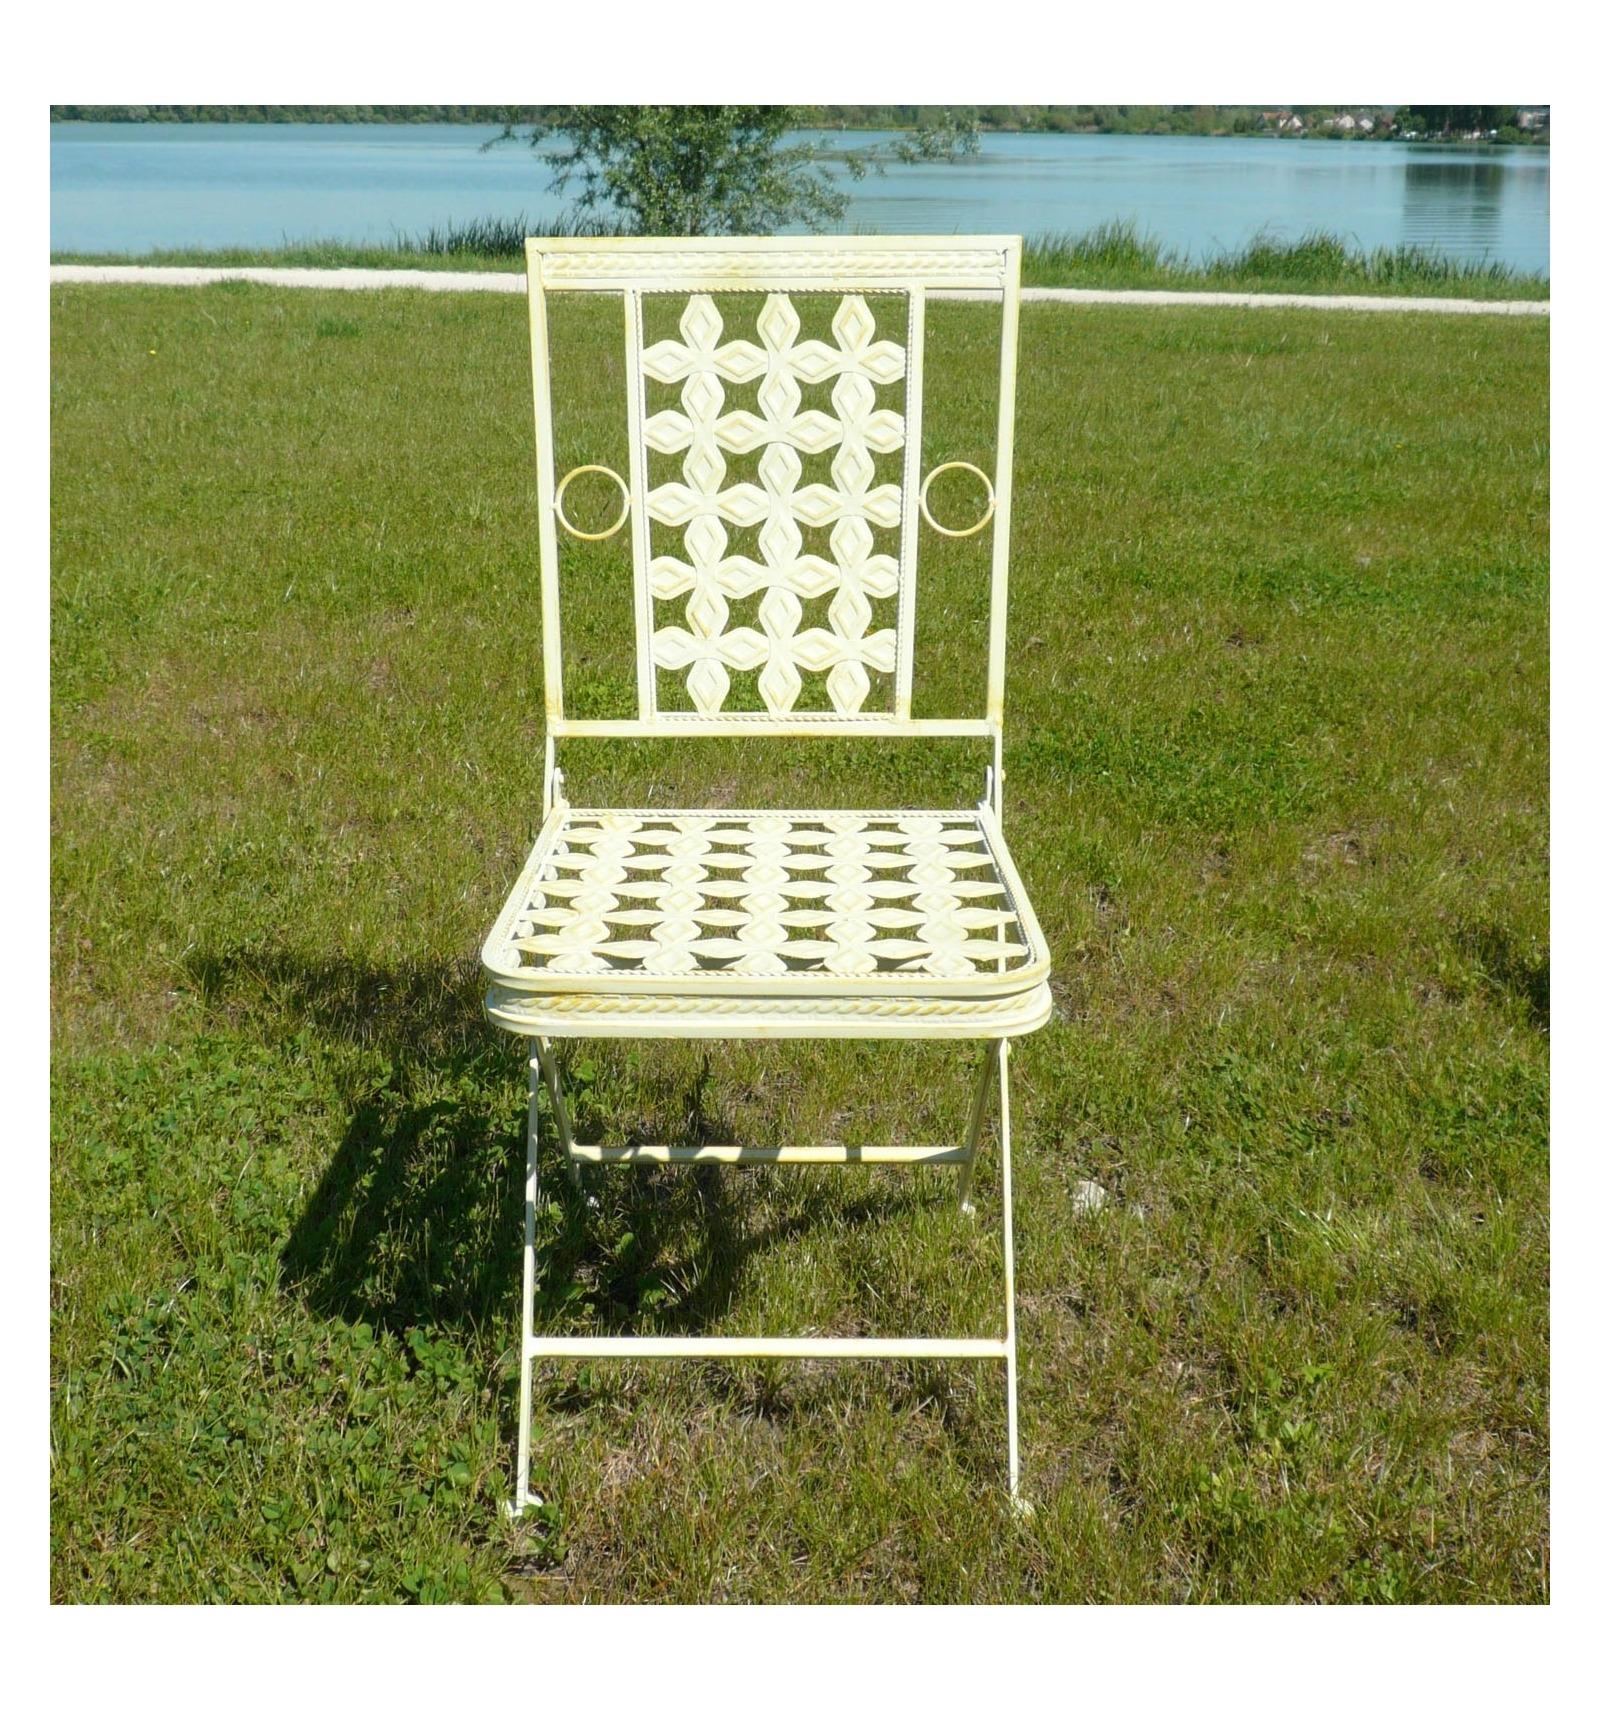 El hierro forjado muebles de jard n mesas sillas bancos - Muebles jardin hierro ...